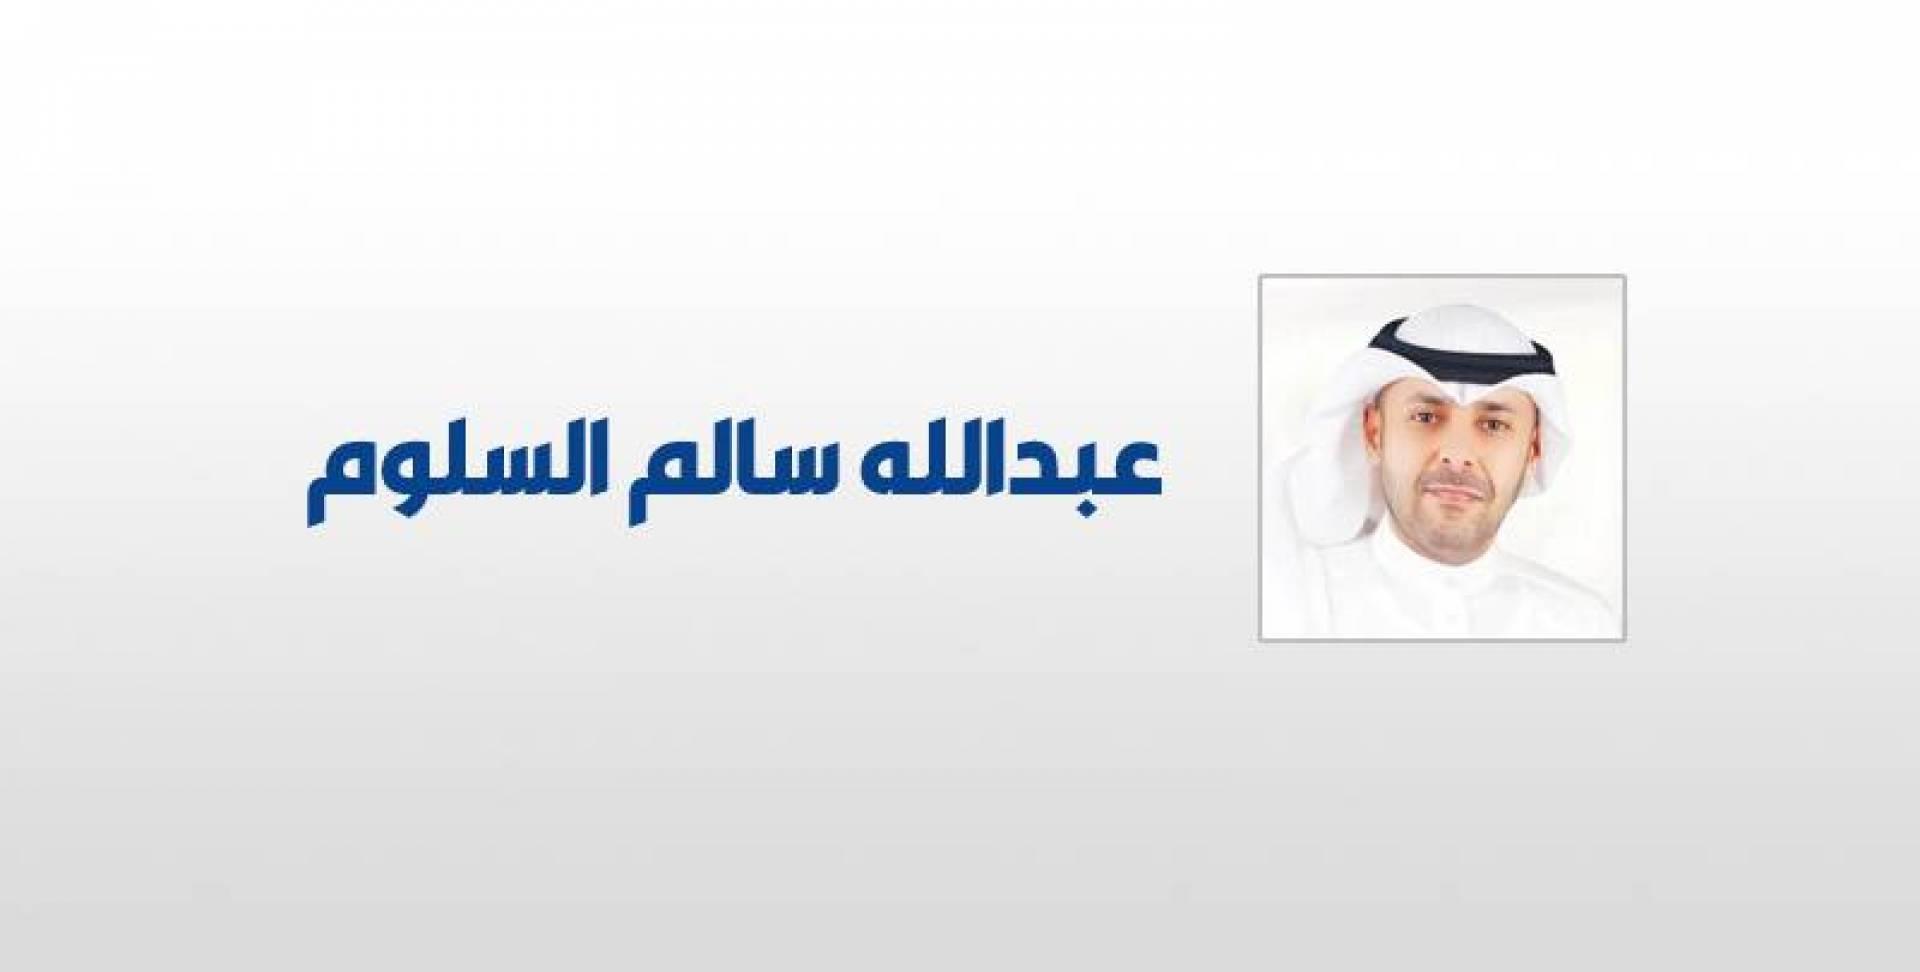 عبدالله السلوم